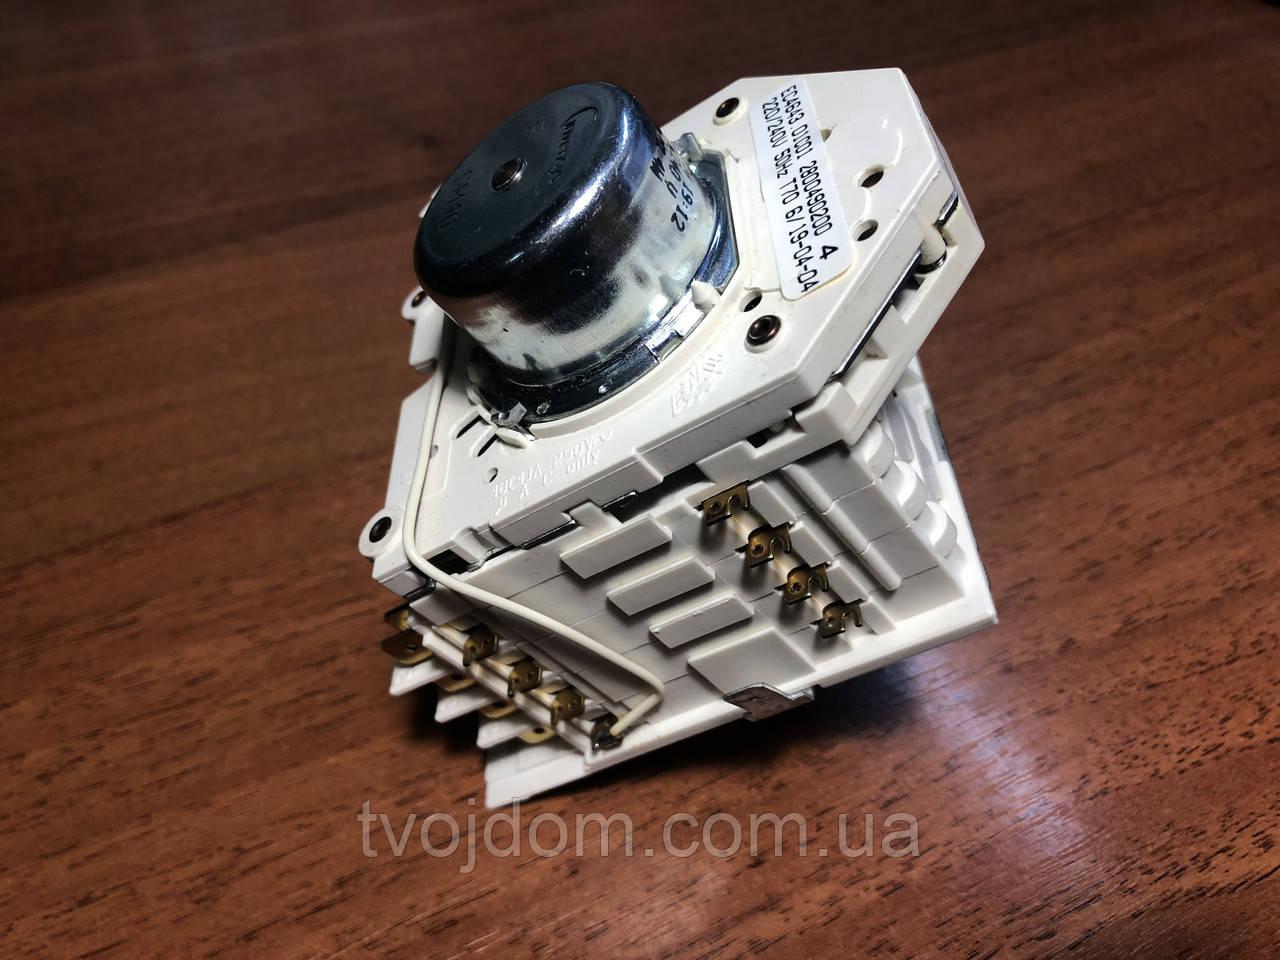 Программатор (селектор программ) для стиральной машины Beko EC4643.01C01 2800490200